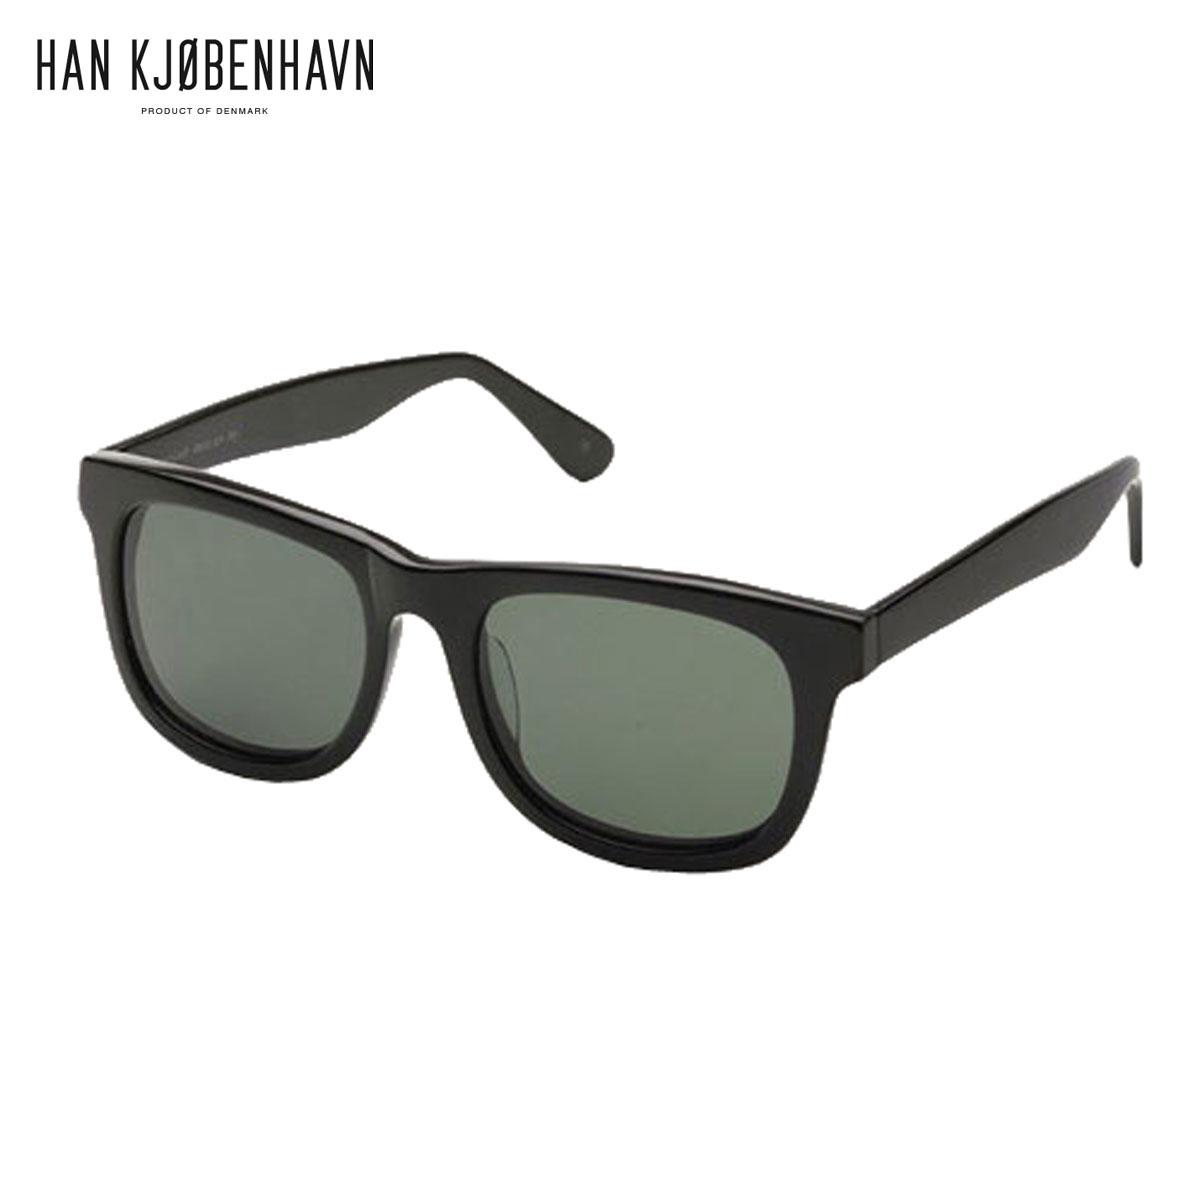 【販売期間 4/2 10:00~4/8 09:59】 ハン HAN KJOBENHAVN 正規販売店 メンズ サングラス めがね WOLFGANG Black SUN D15S25